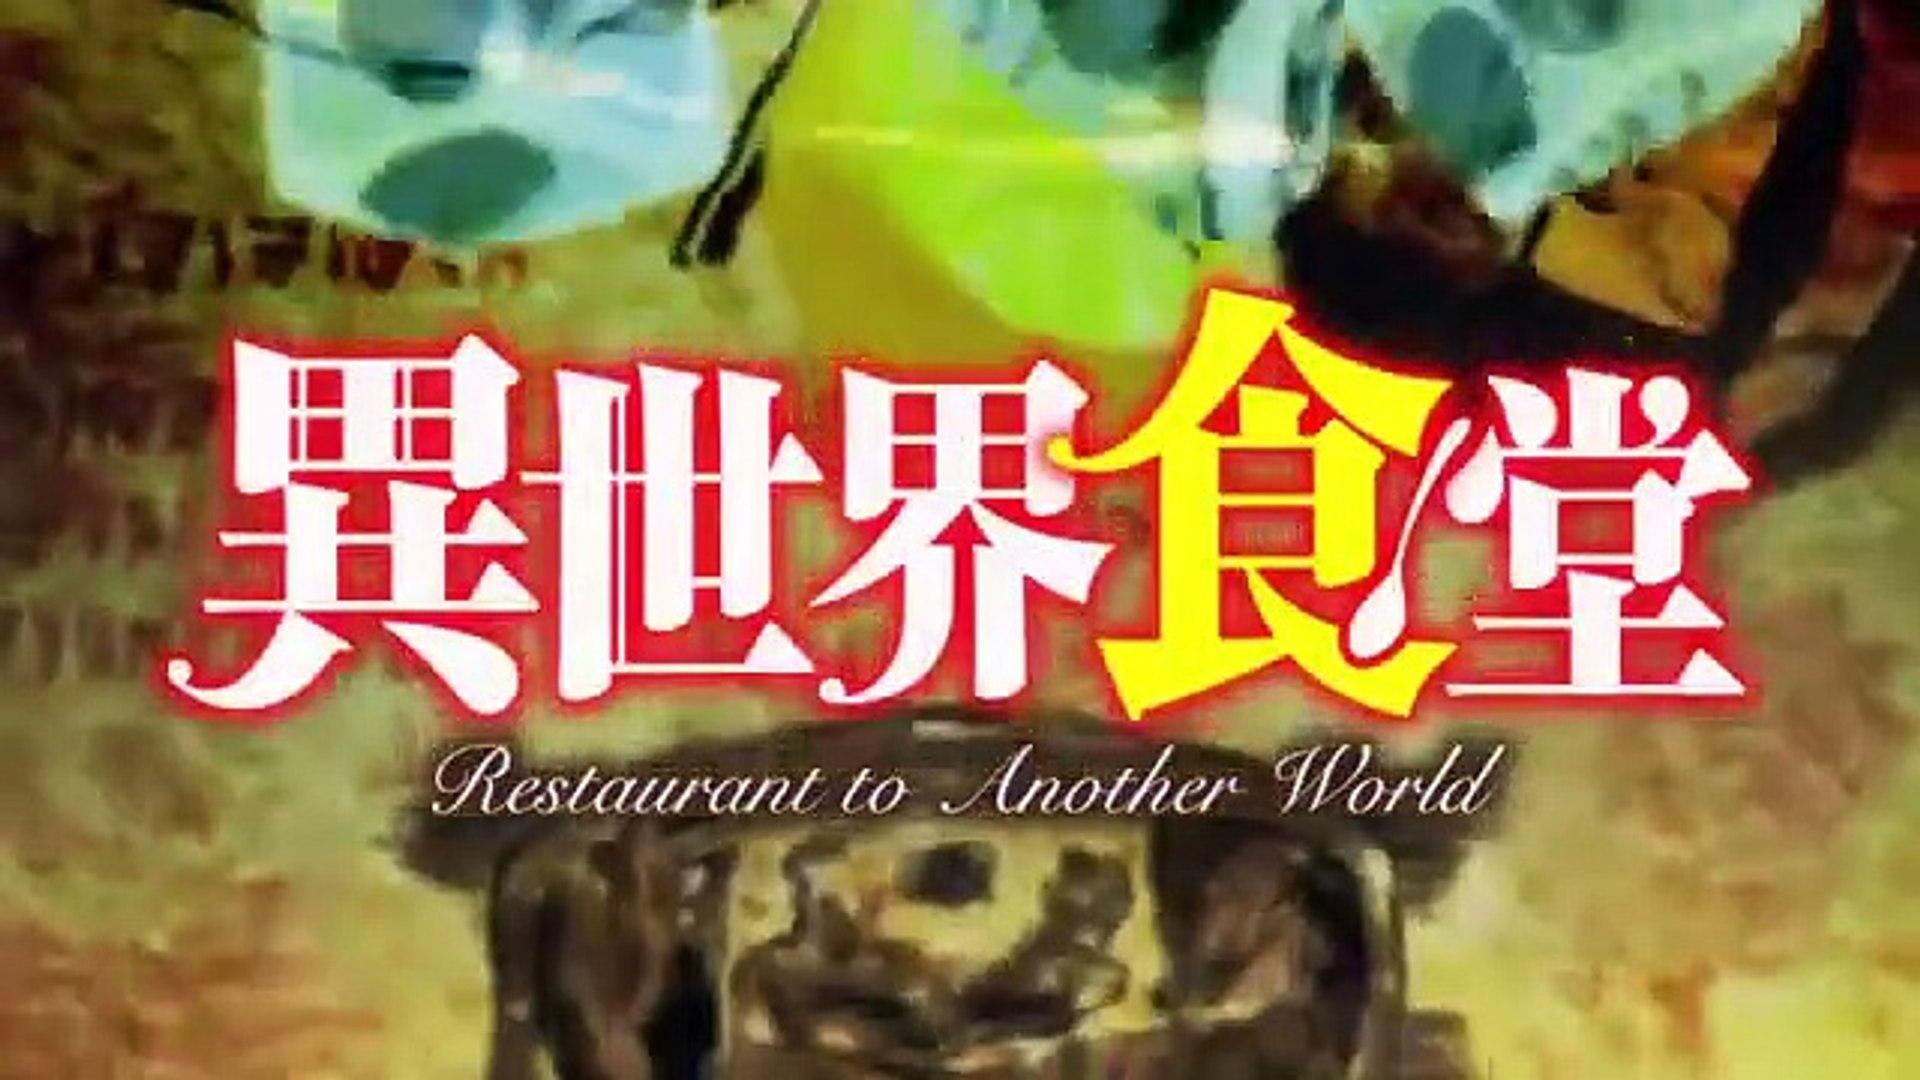 Isekai Shokudou E 12 Eng Sub Video Dailymotion